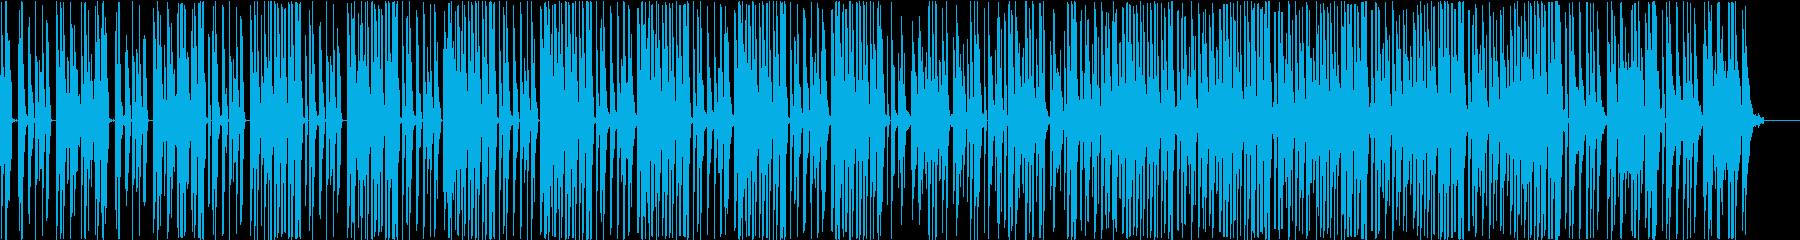 変拍子のダンスチューン インストの再生済みの波形